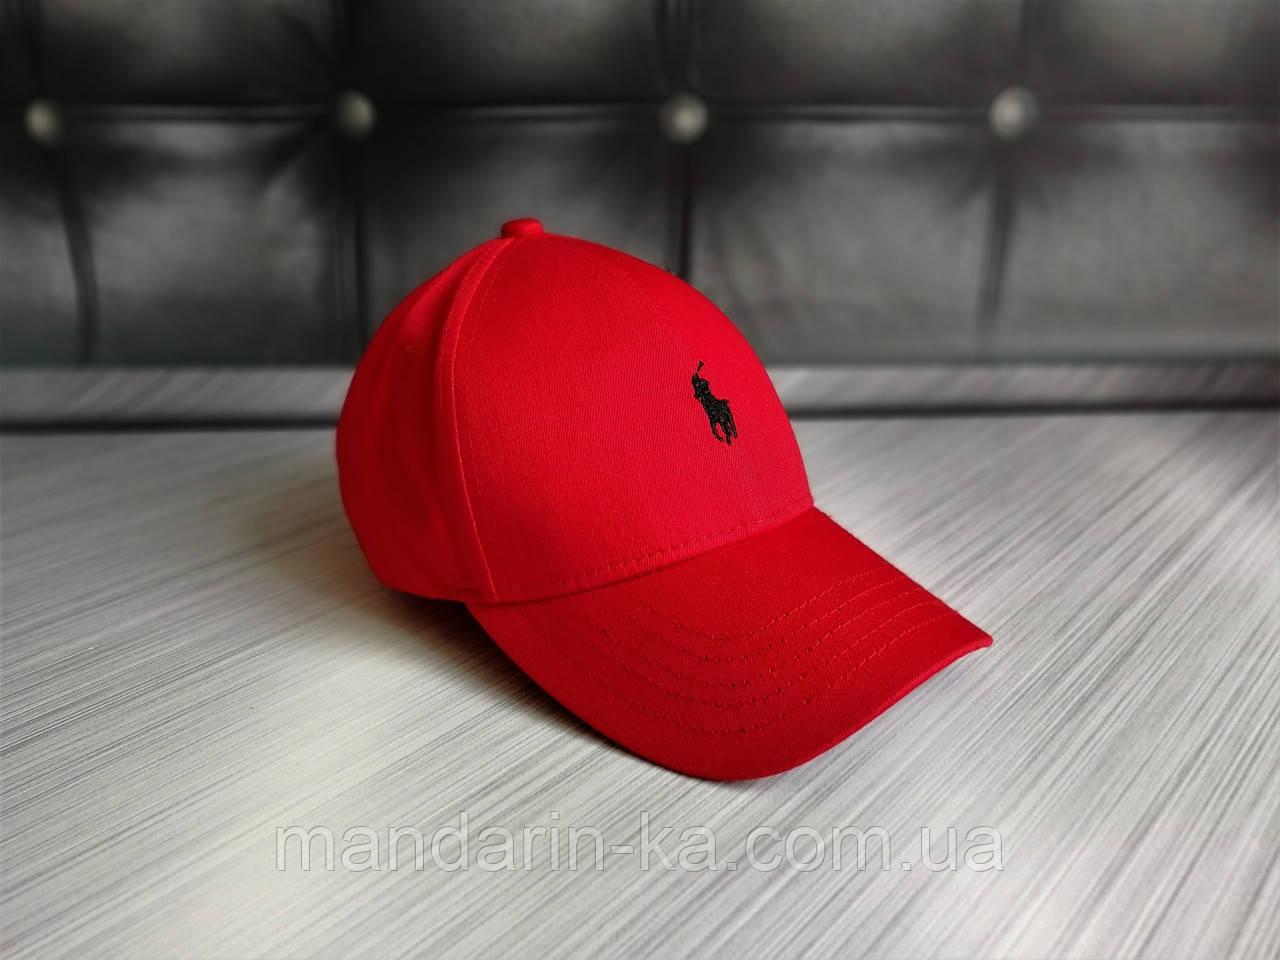 Бейсболка мужская женская красная реплика